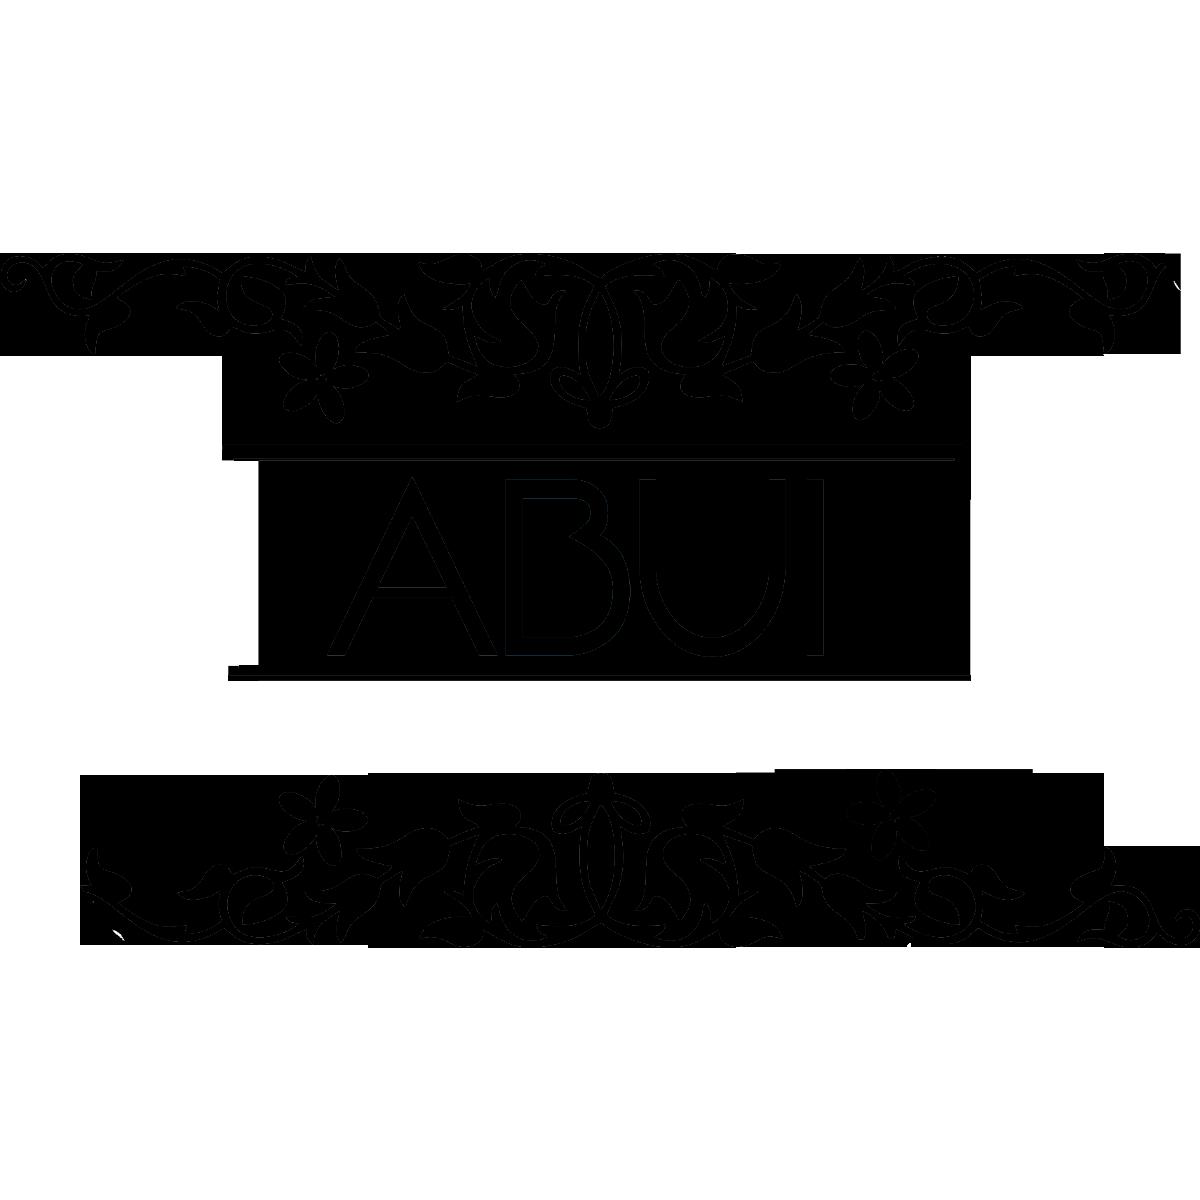 abui-copy